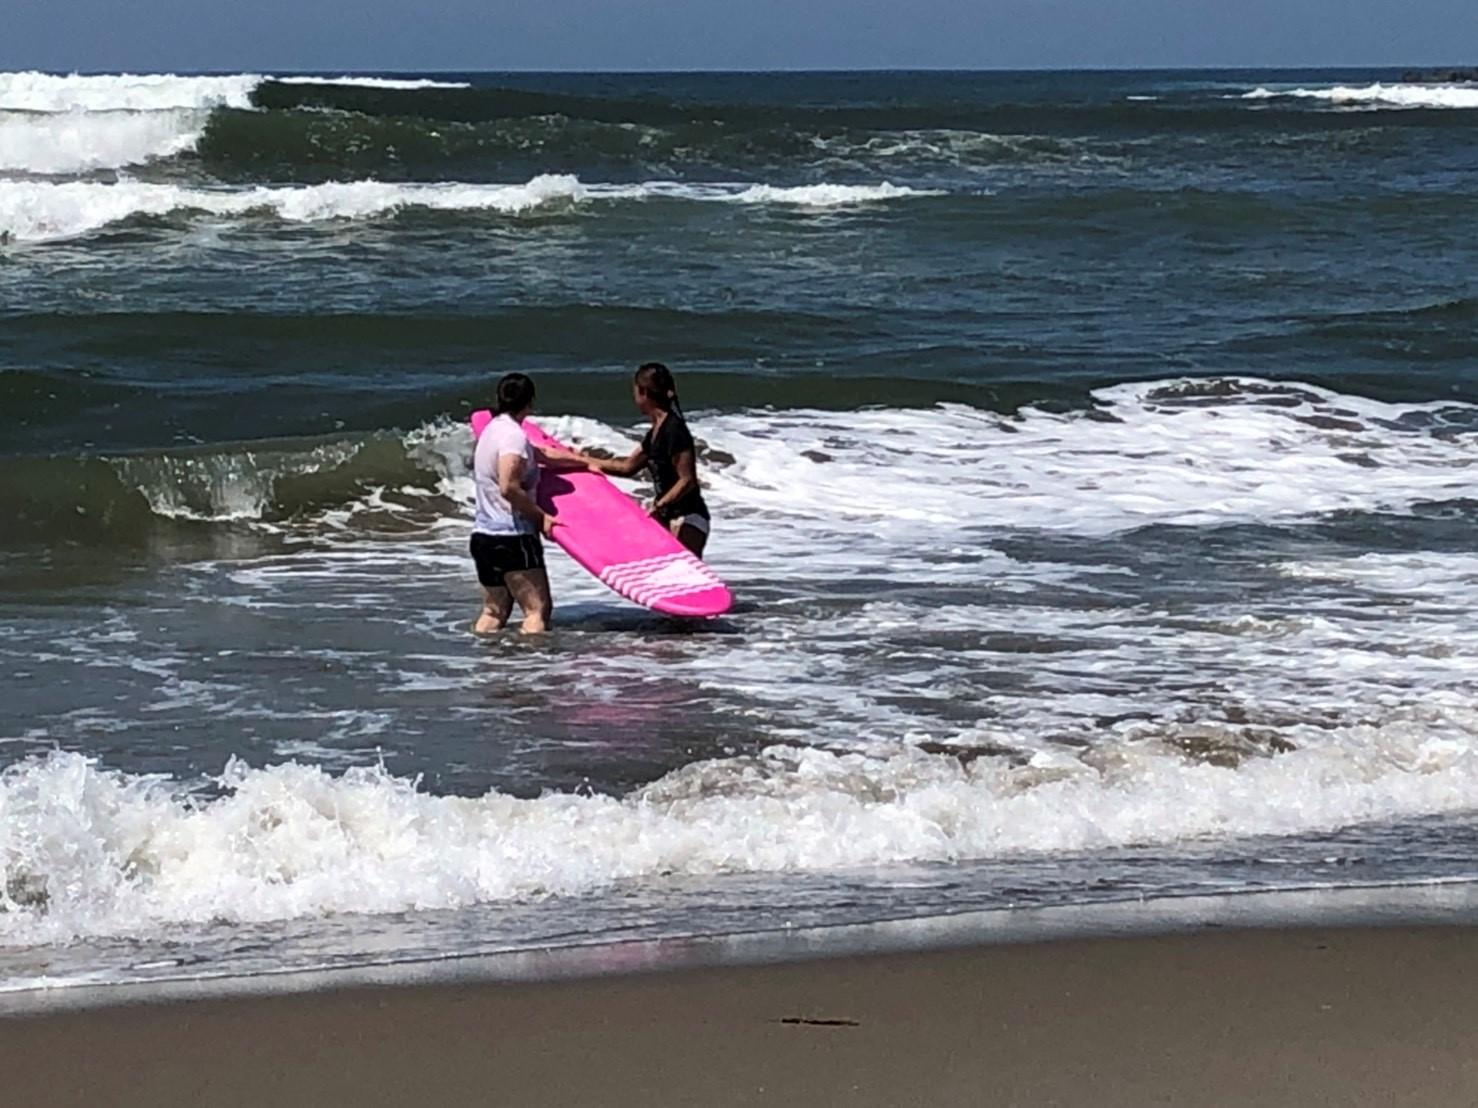 【サーフィン体験レッスン】~日本海の海を満喫♪~【初心者歓迎・女性歓迎★】